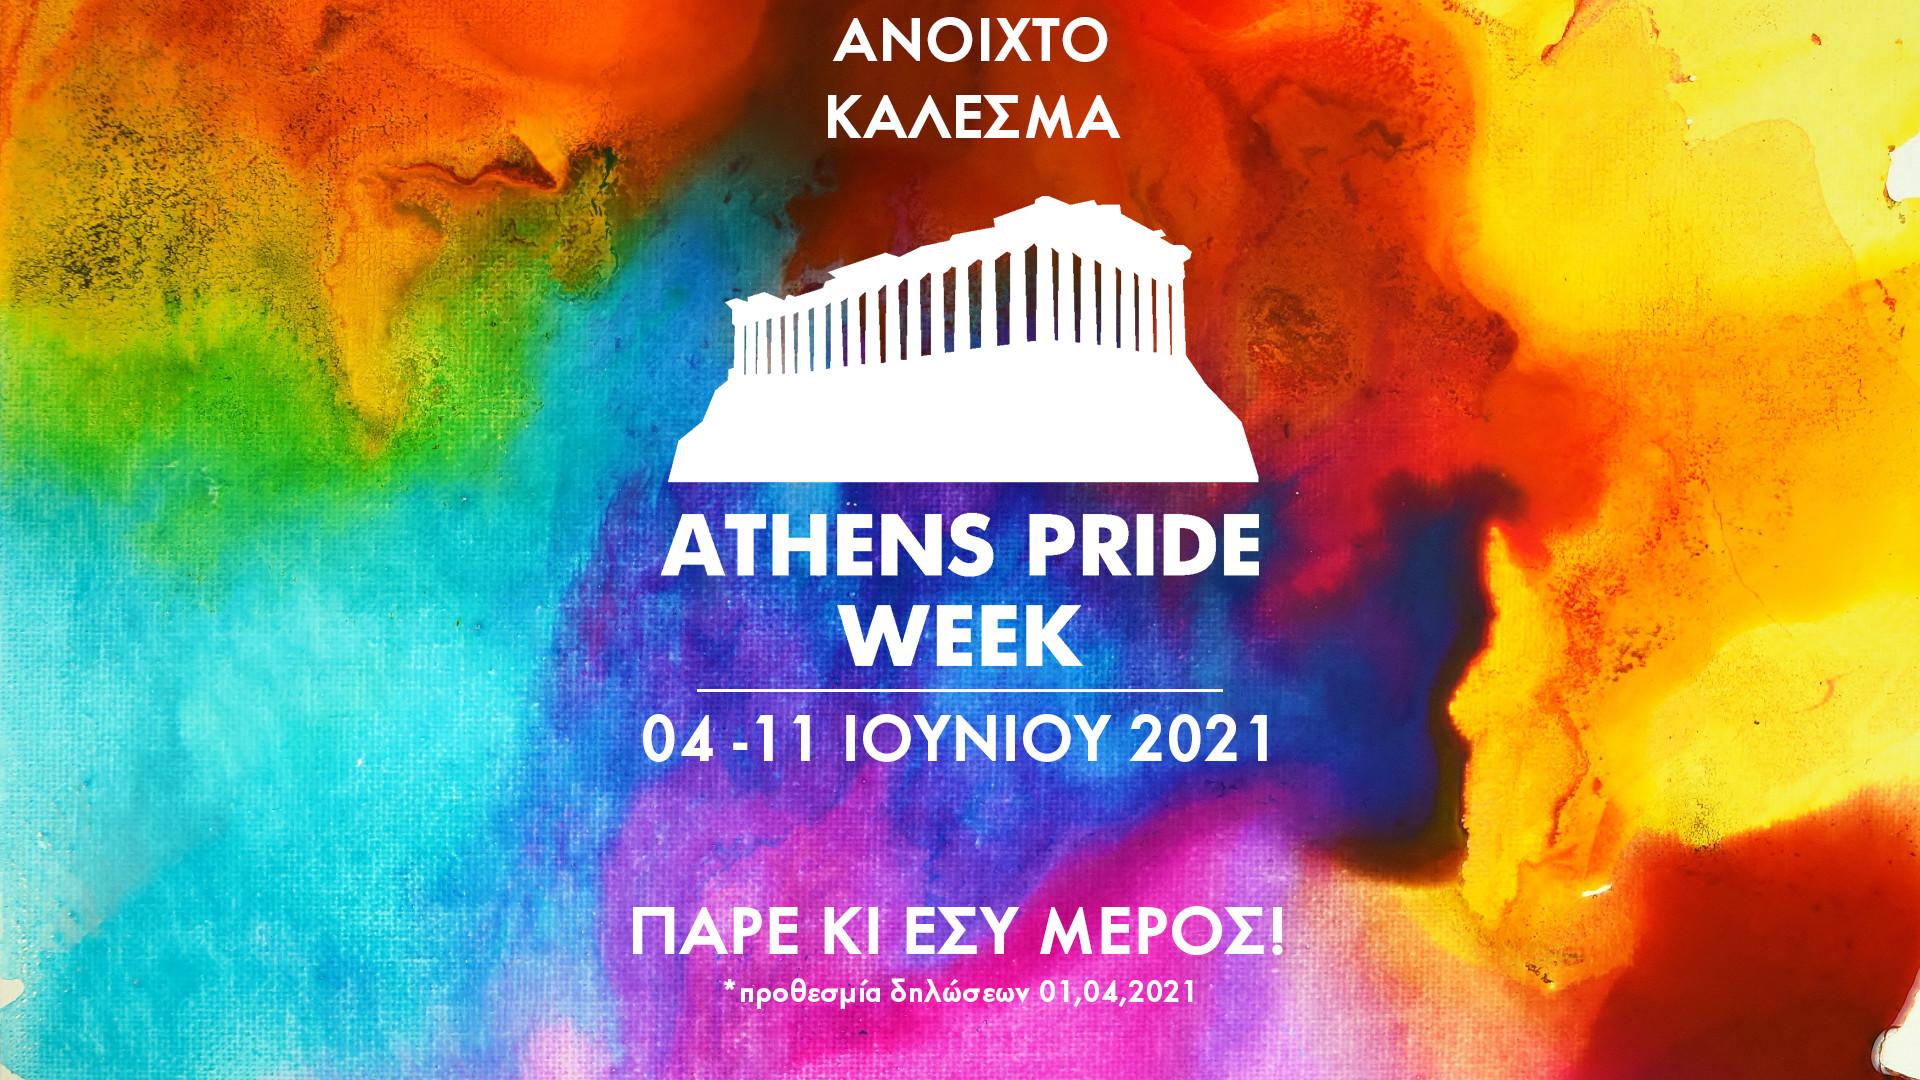 Αφίσα του Athens Pride Week 2021